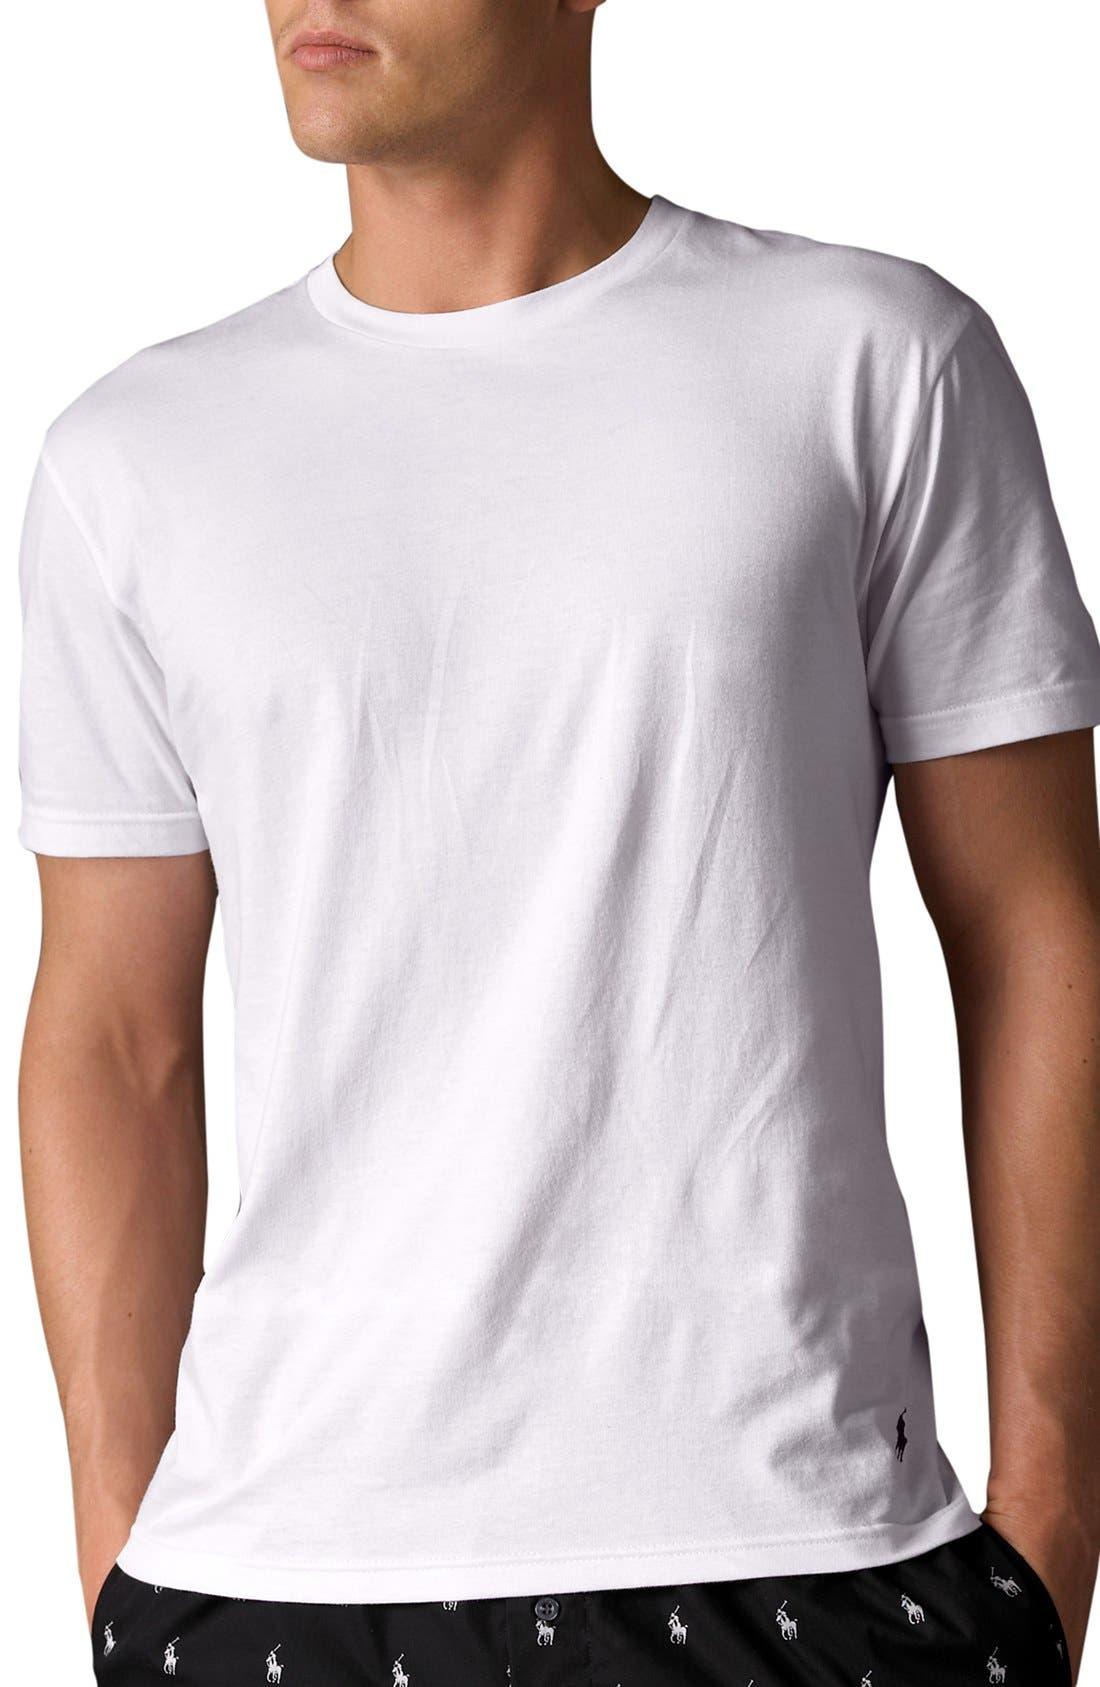 2-Pack Crewneck T-Shirt,                             Main thumbnail 1, color,                             White/ White